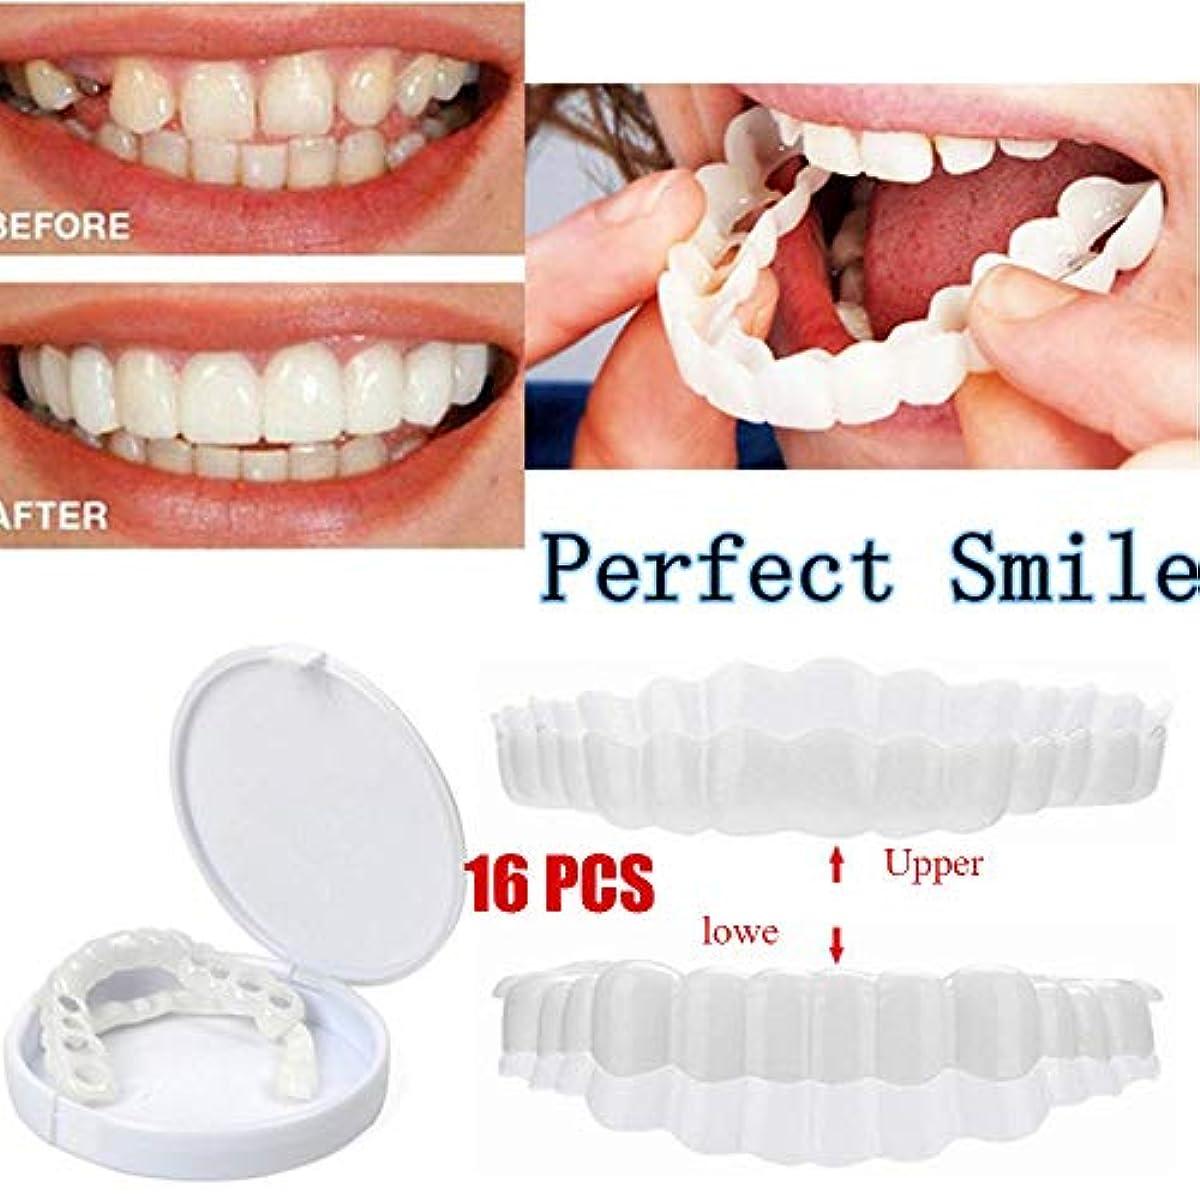 完全に乾くハンバーガートリム義歯のスマイルホワイトニングと弾性ケアに最適な、大人用の新しい上下の義歯16個の再使用可能なPCS(上部+下部)